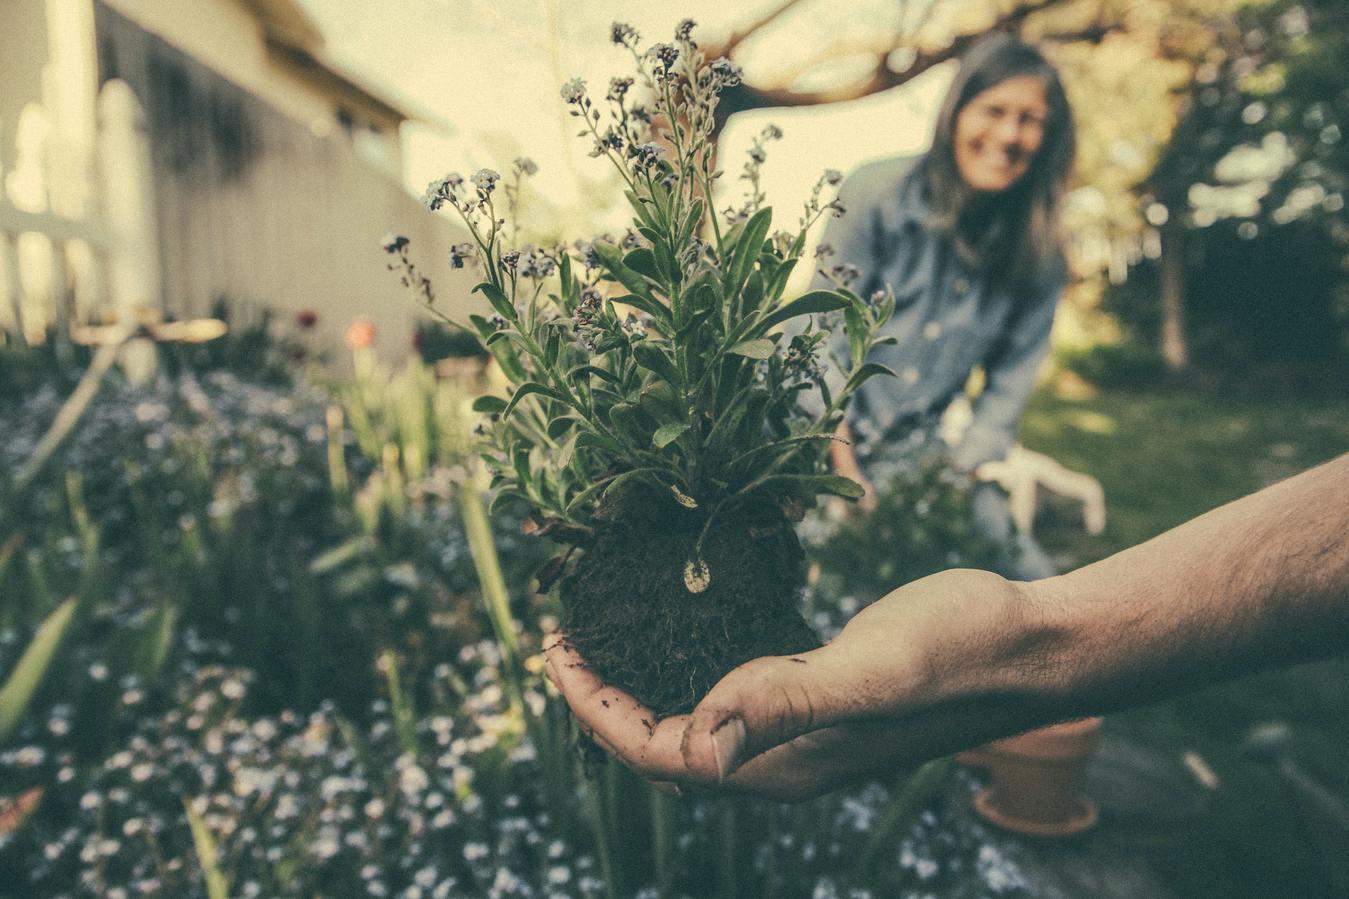 Tangan sedang menanam bunga